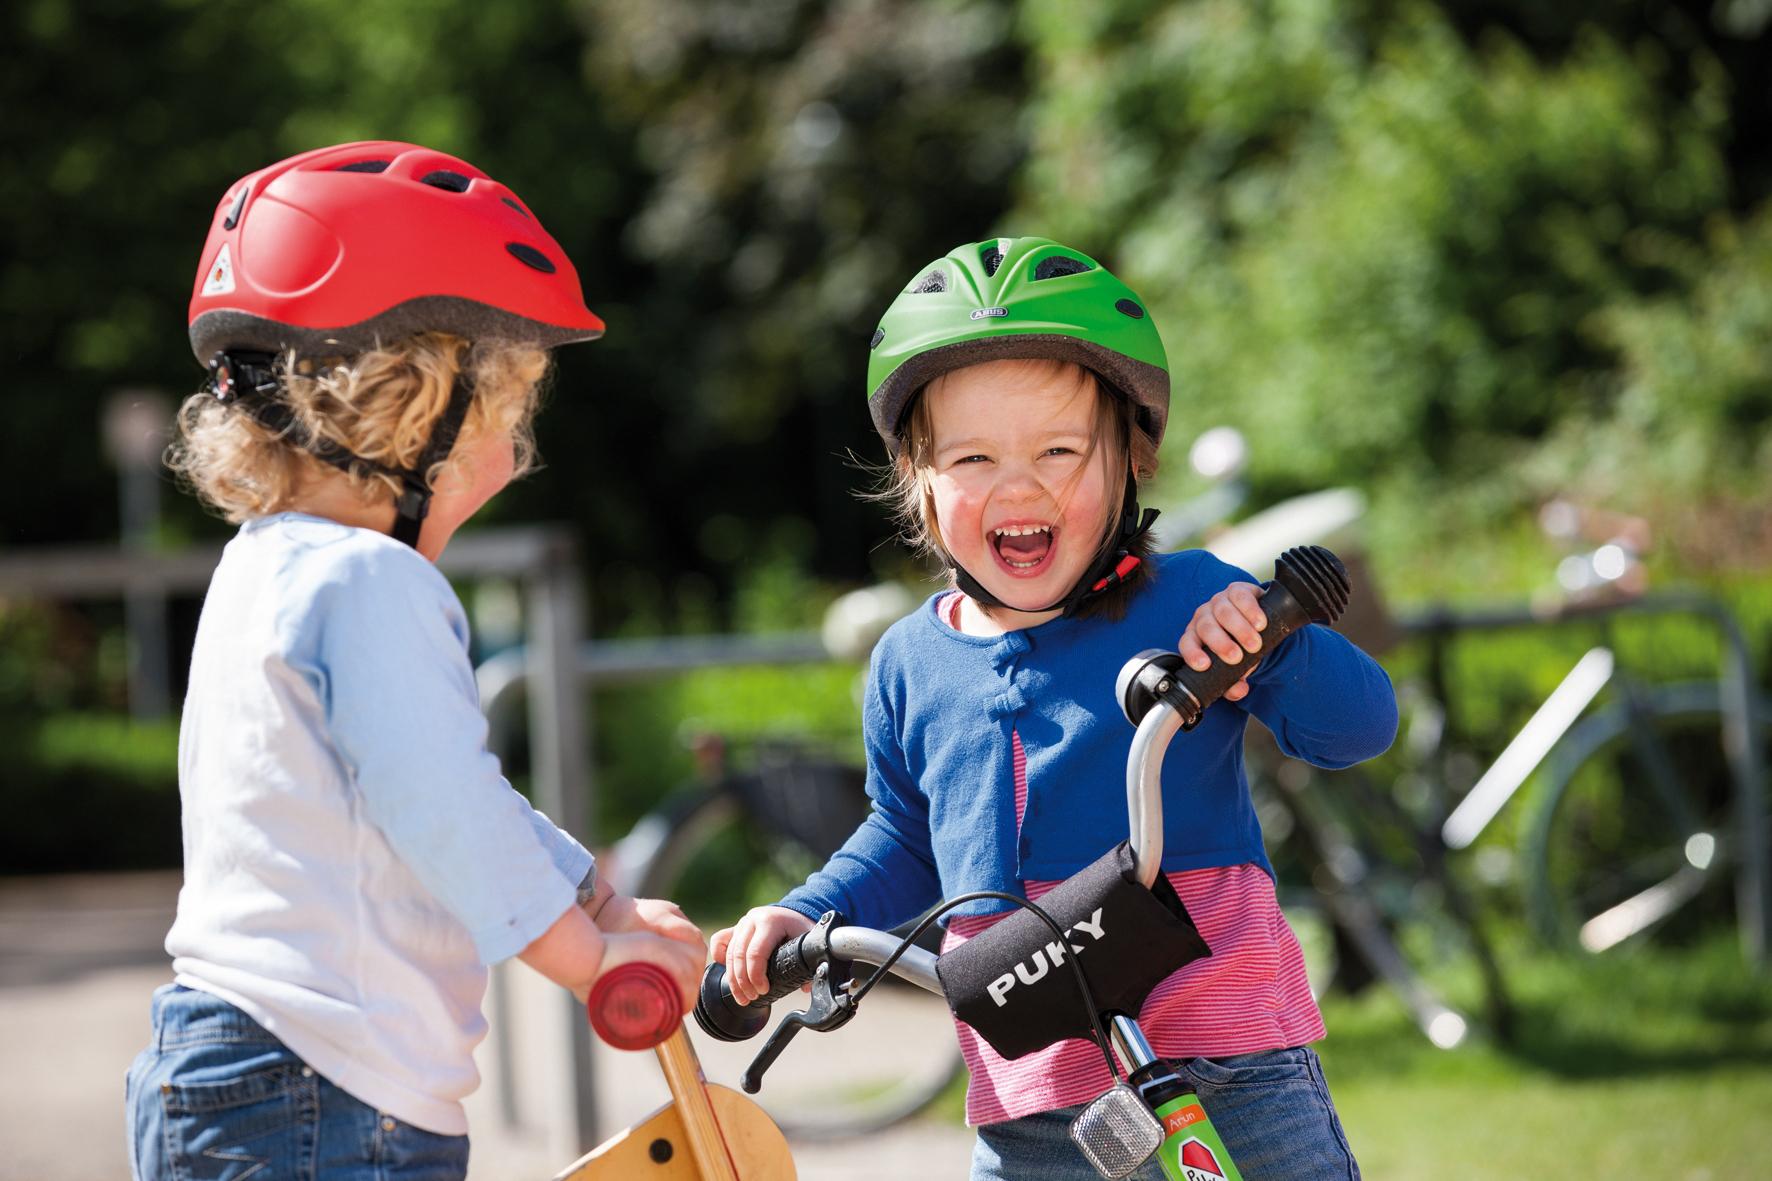 mid Düsseldorf - Bei der Wahl des richtigen Fahrrads für den Nachwuchs sollten Eltern darauf achten, dass das Rad die Norm EN ISO 8098 erfüllt und keine scharfen Ecken und Kanten hat. Dann hat das Kind lange Freude daran.